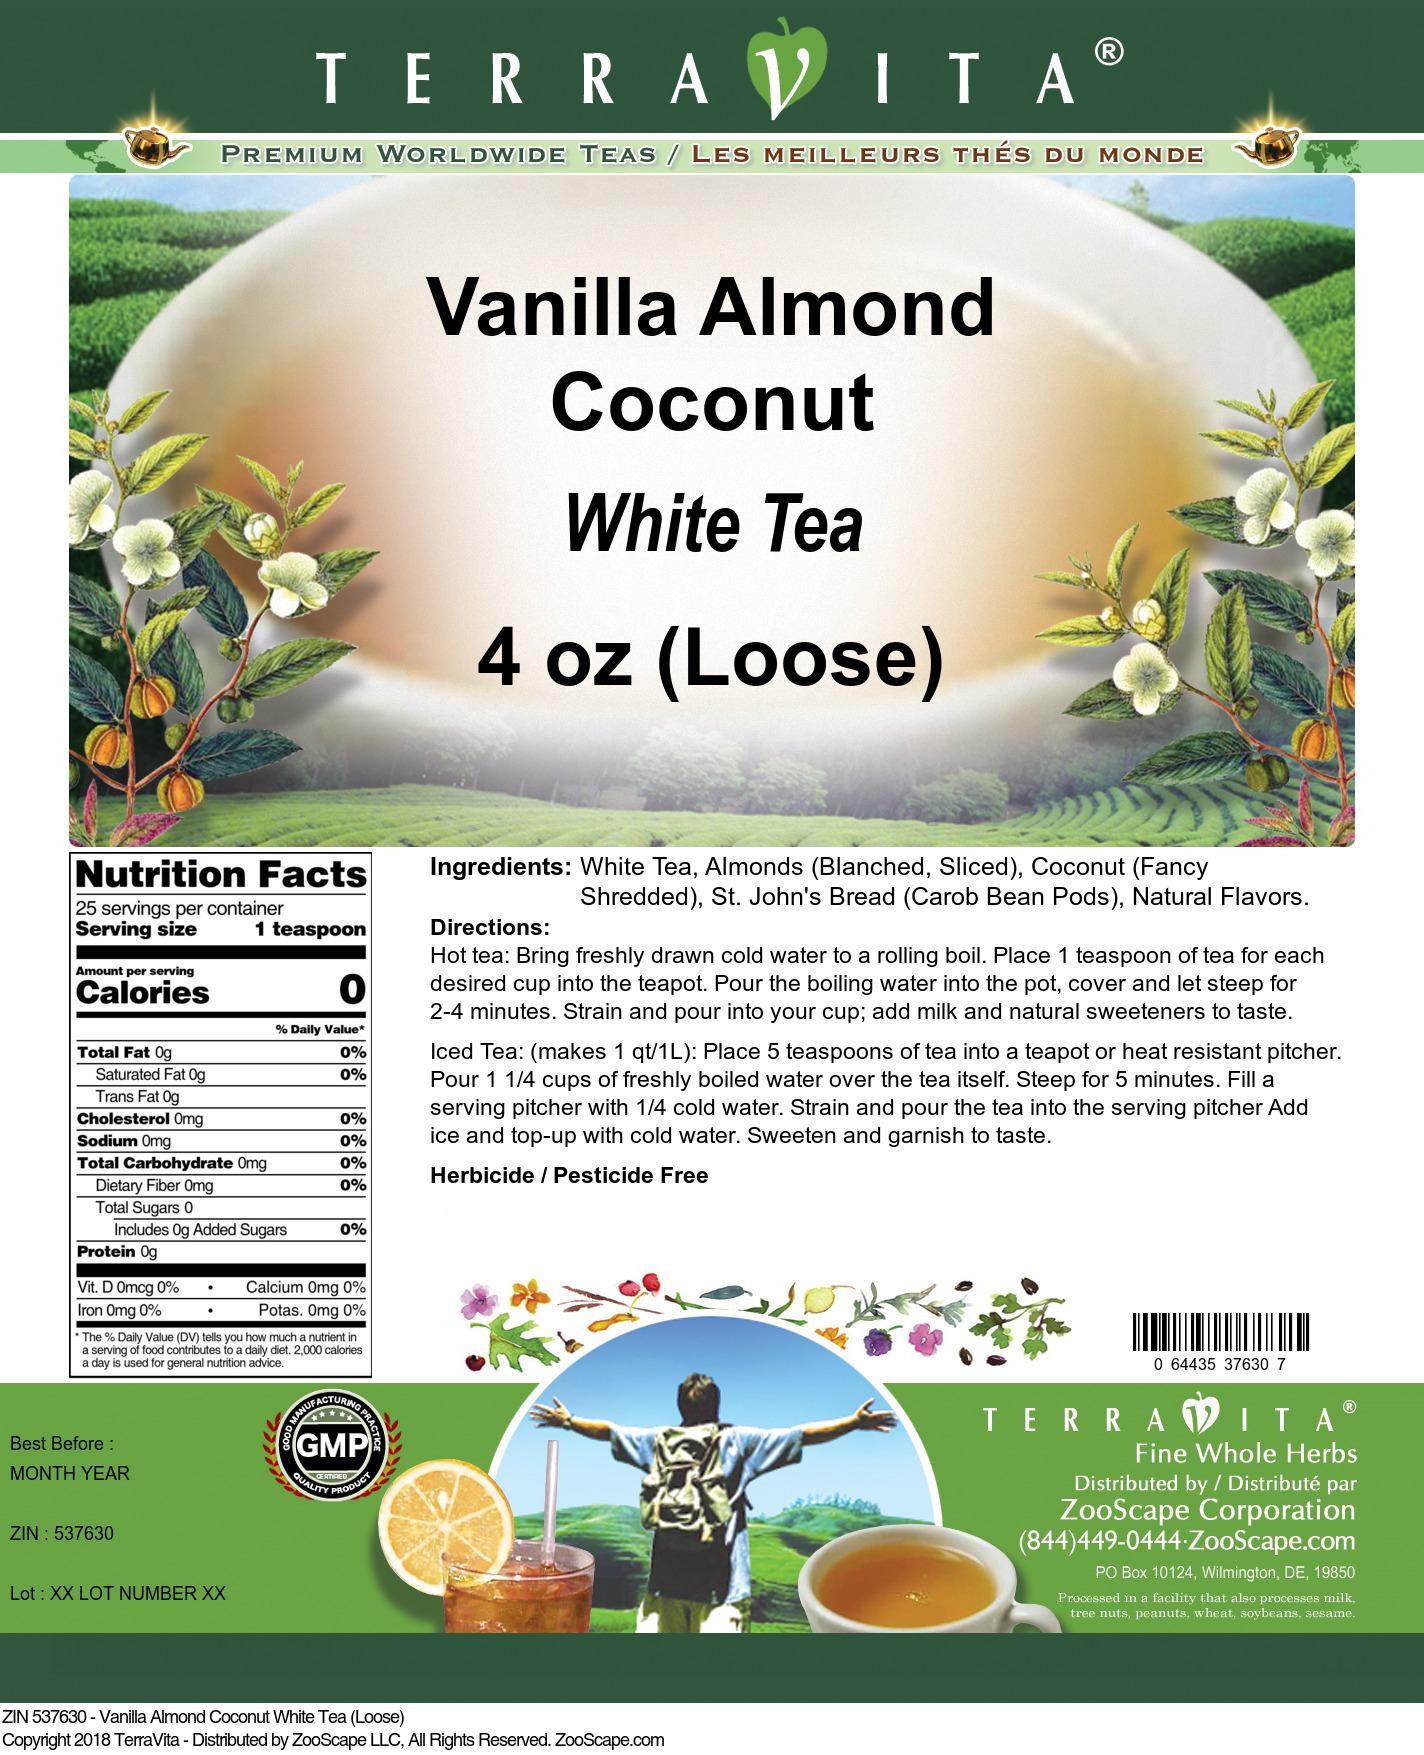 Vanilla Almond Coconut White Tea